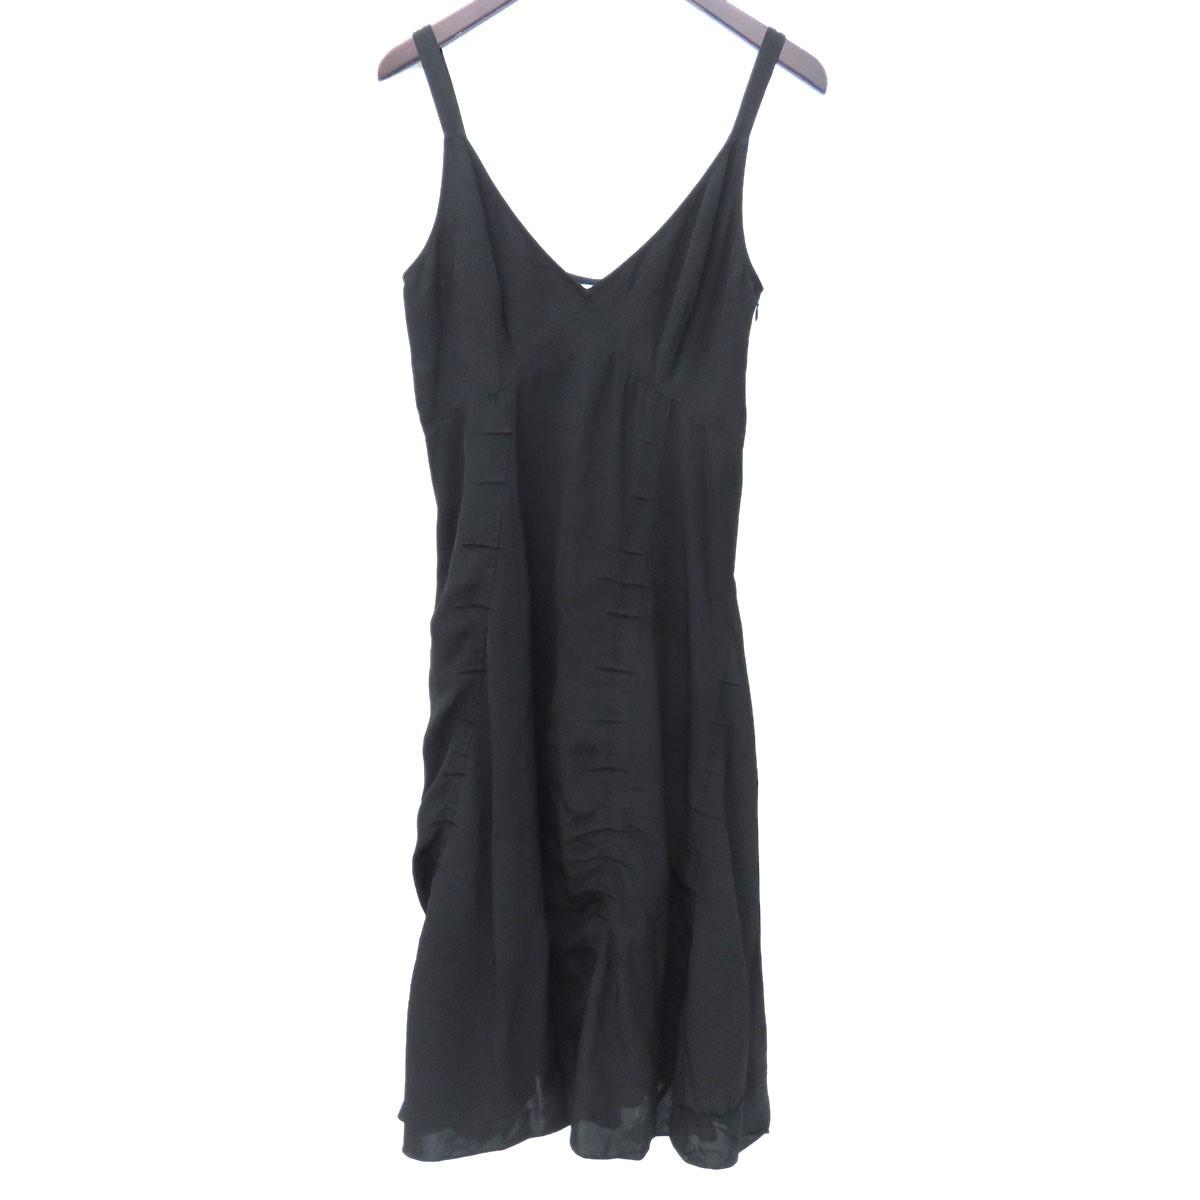 【中古】ACNE STUDIOSノースリーブスリップドレス キャミソールワンピース ブラック サイズ:36 【3月30日見直し】